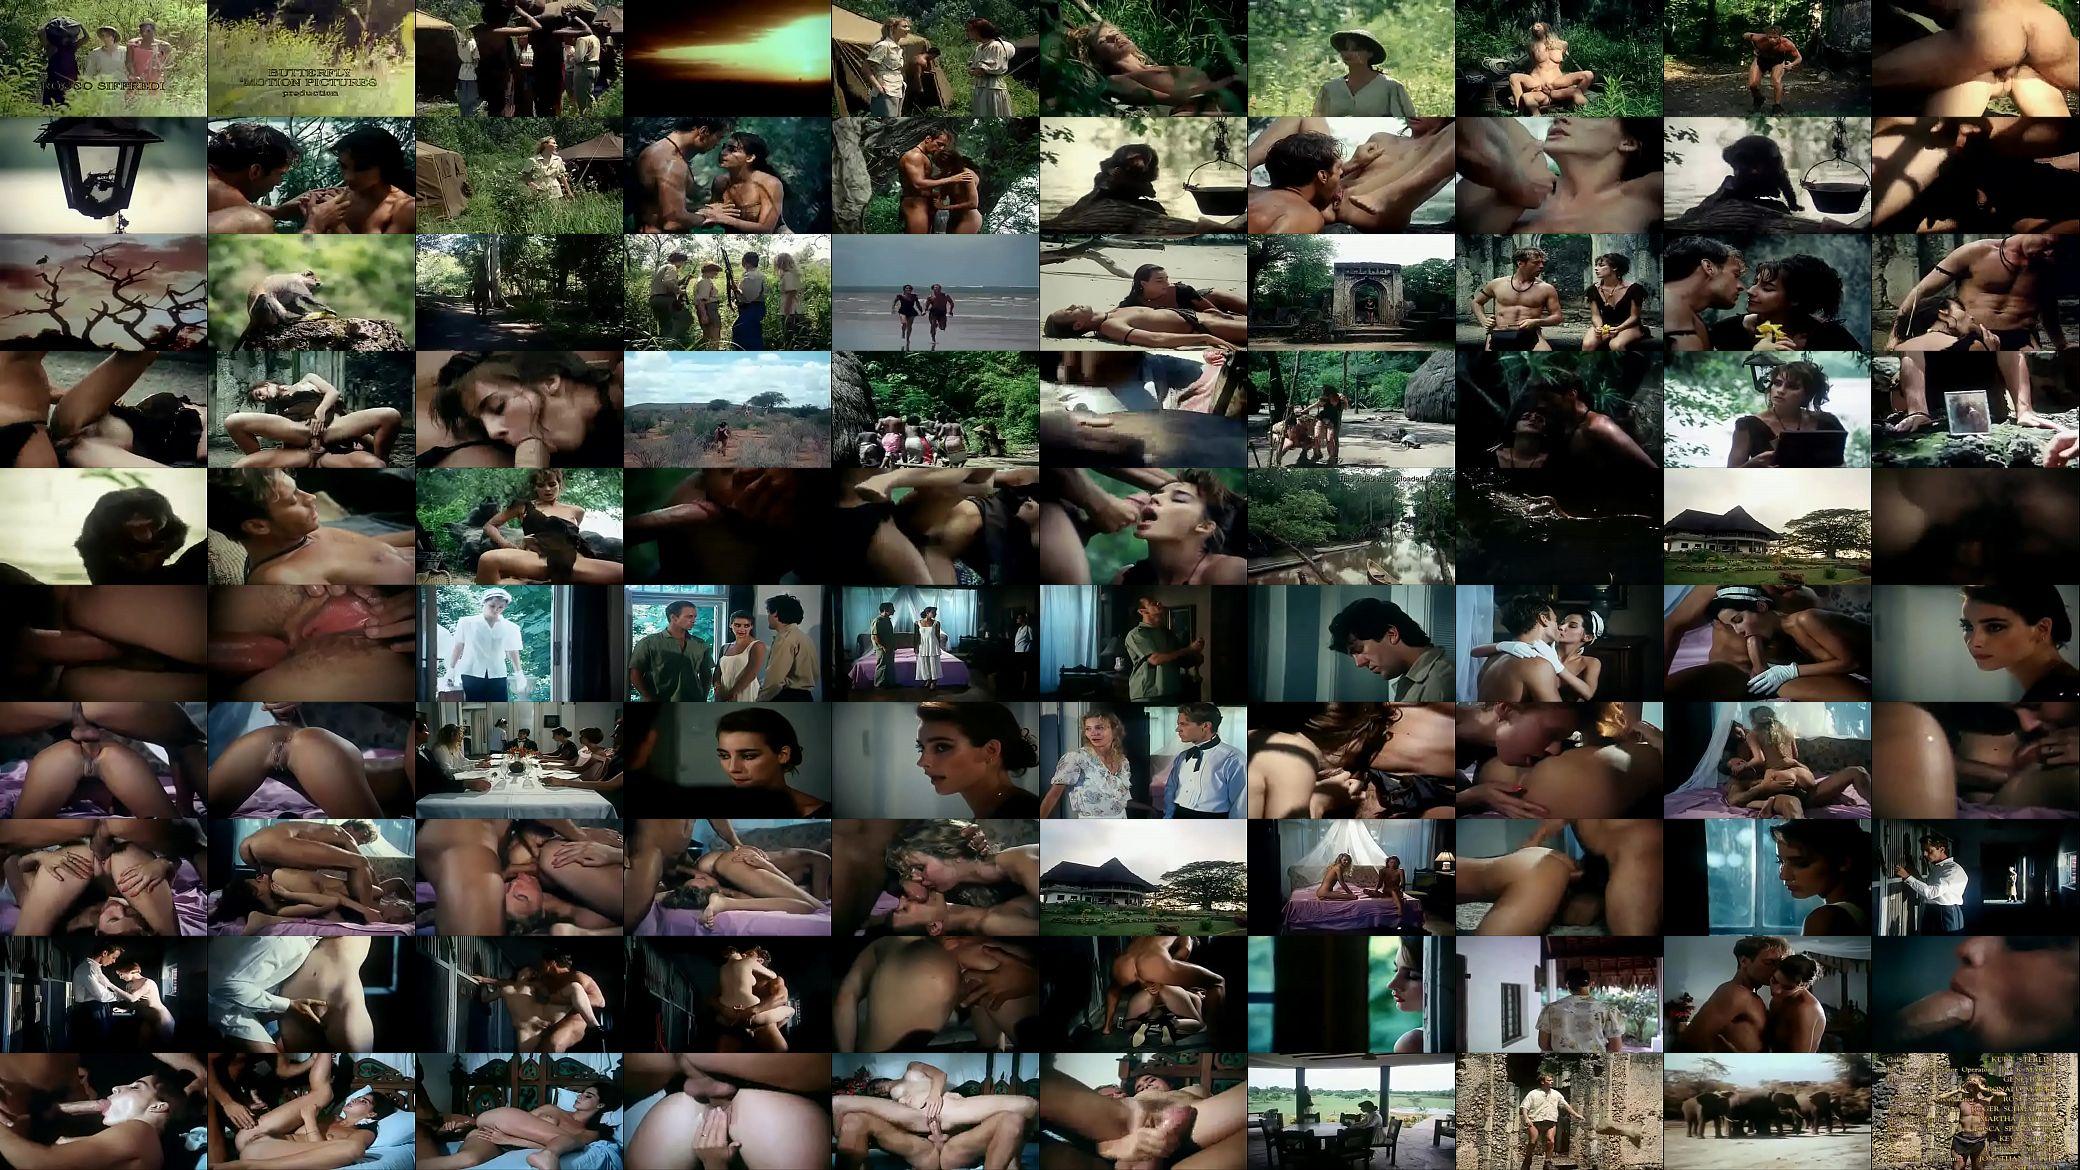 True or dare nude pics